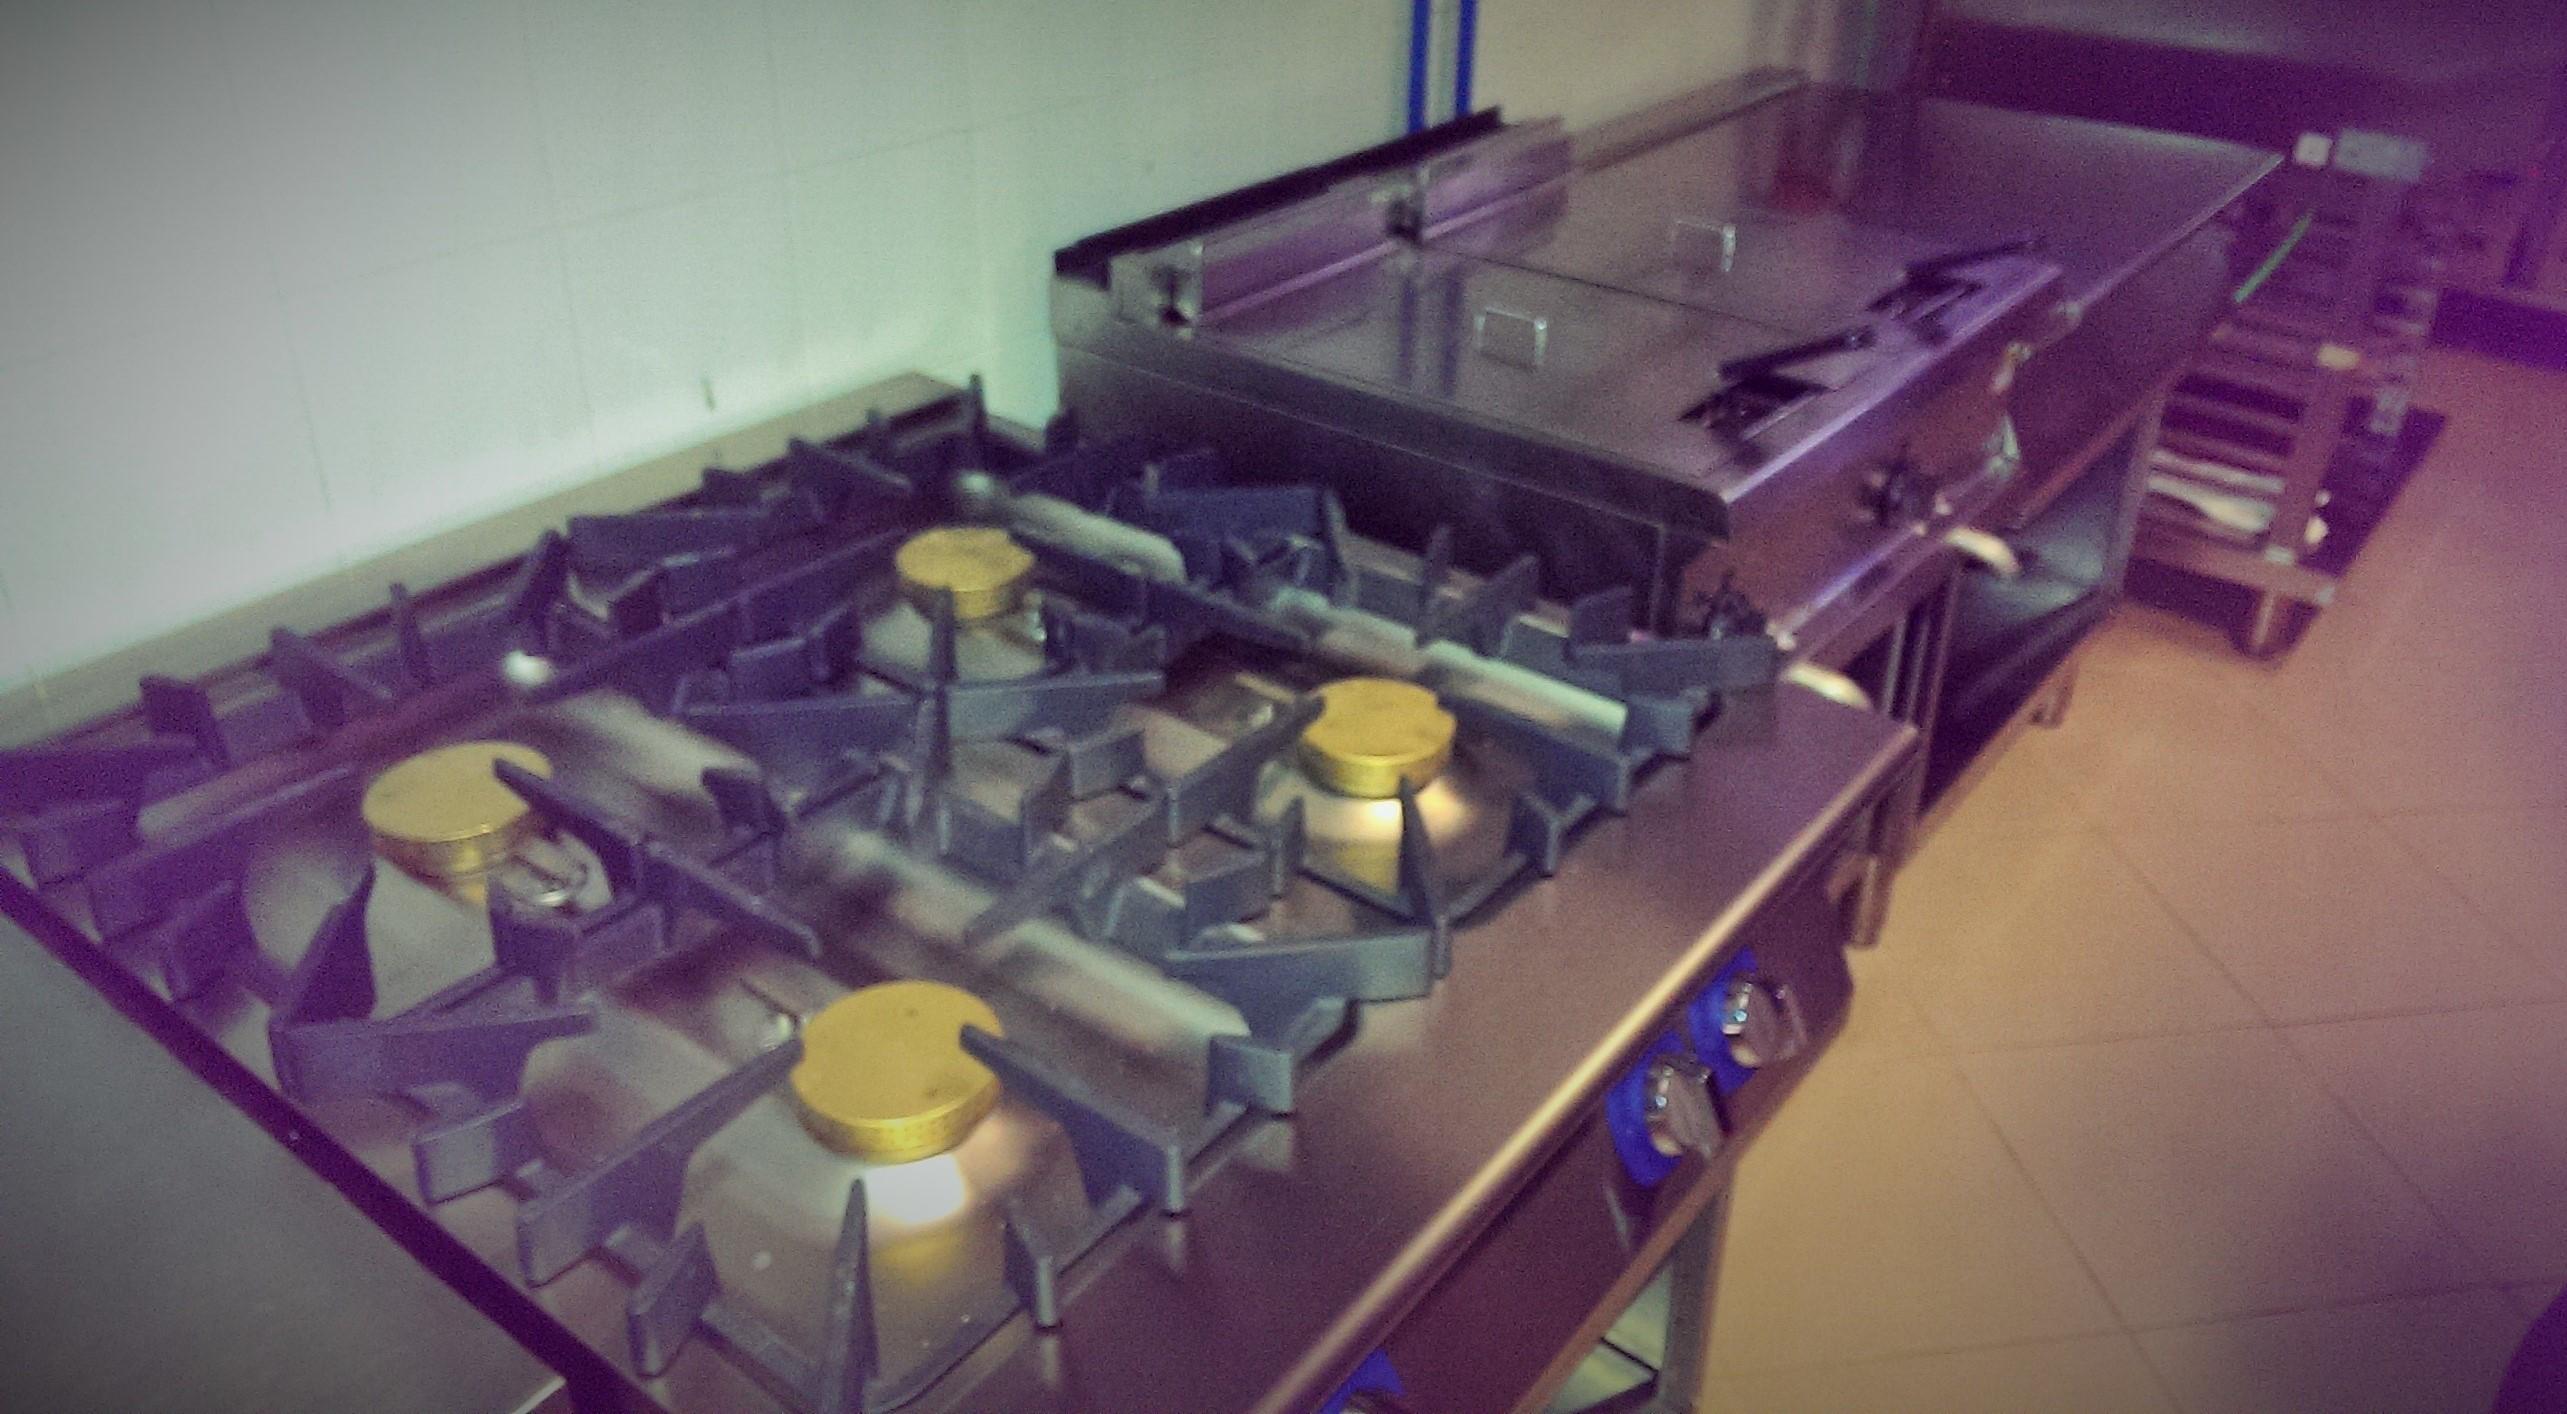 Tabl ampa la salle almer a for Lavaplatos granada